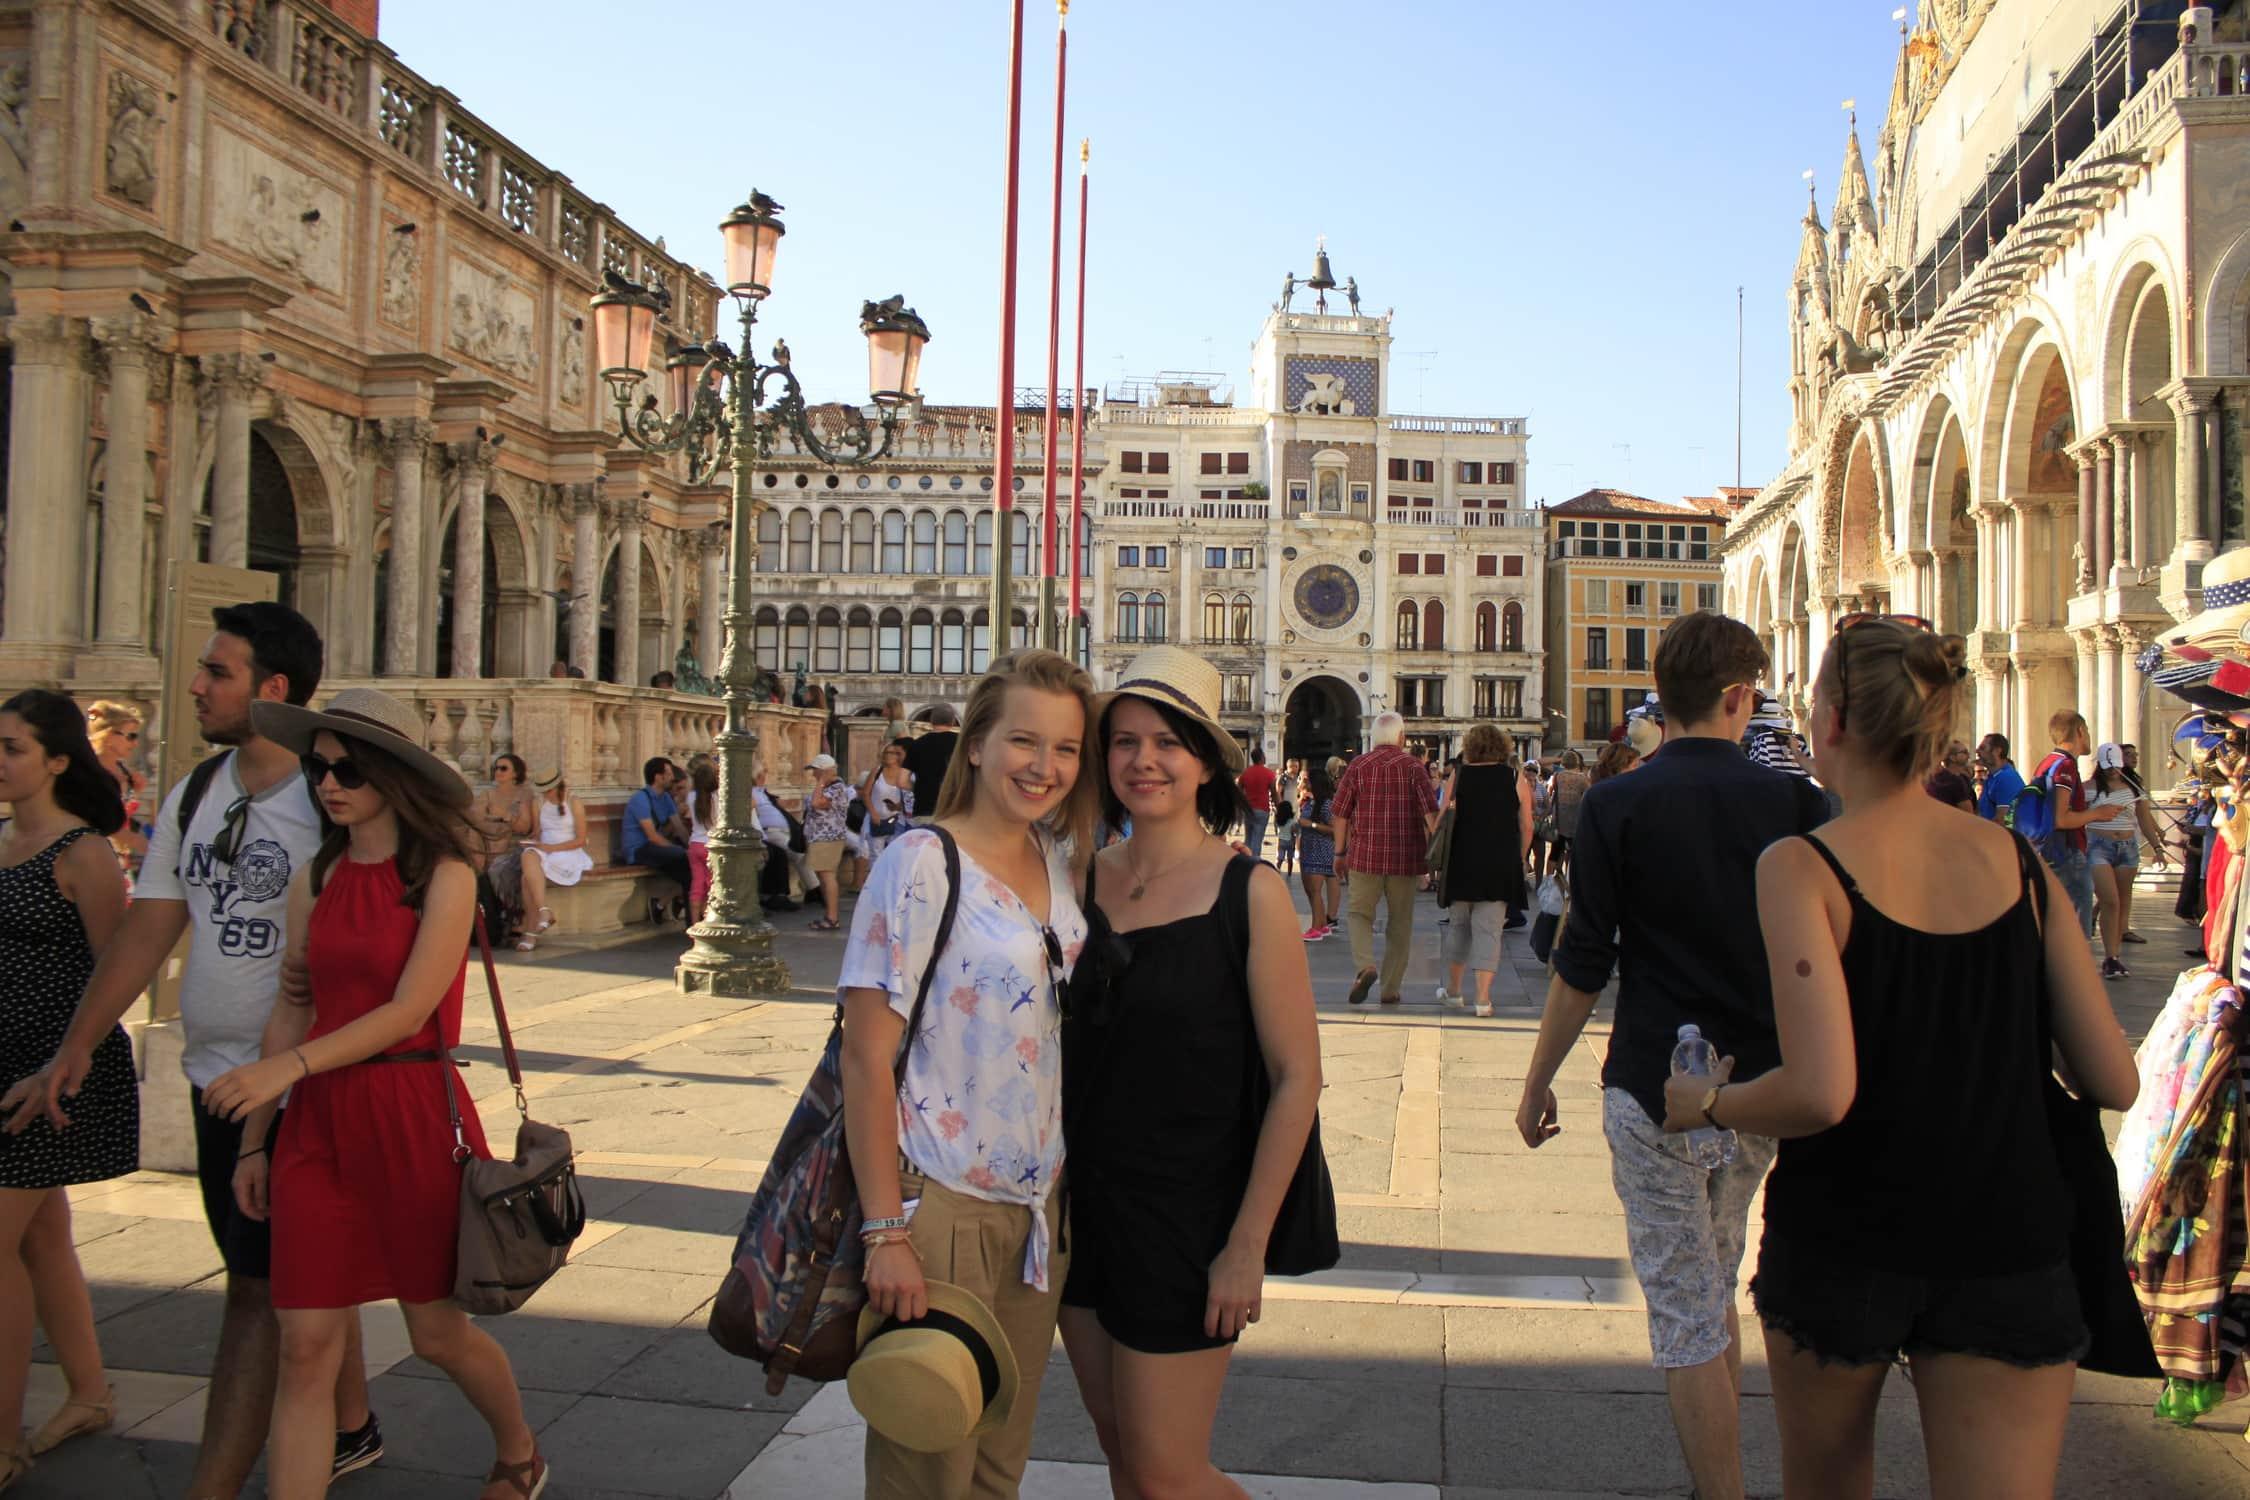 Wenecja – zdecydowanie nie przereklamowana perełka Włoch 21